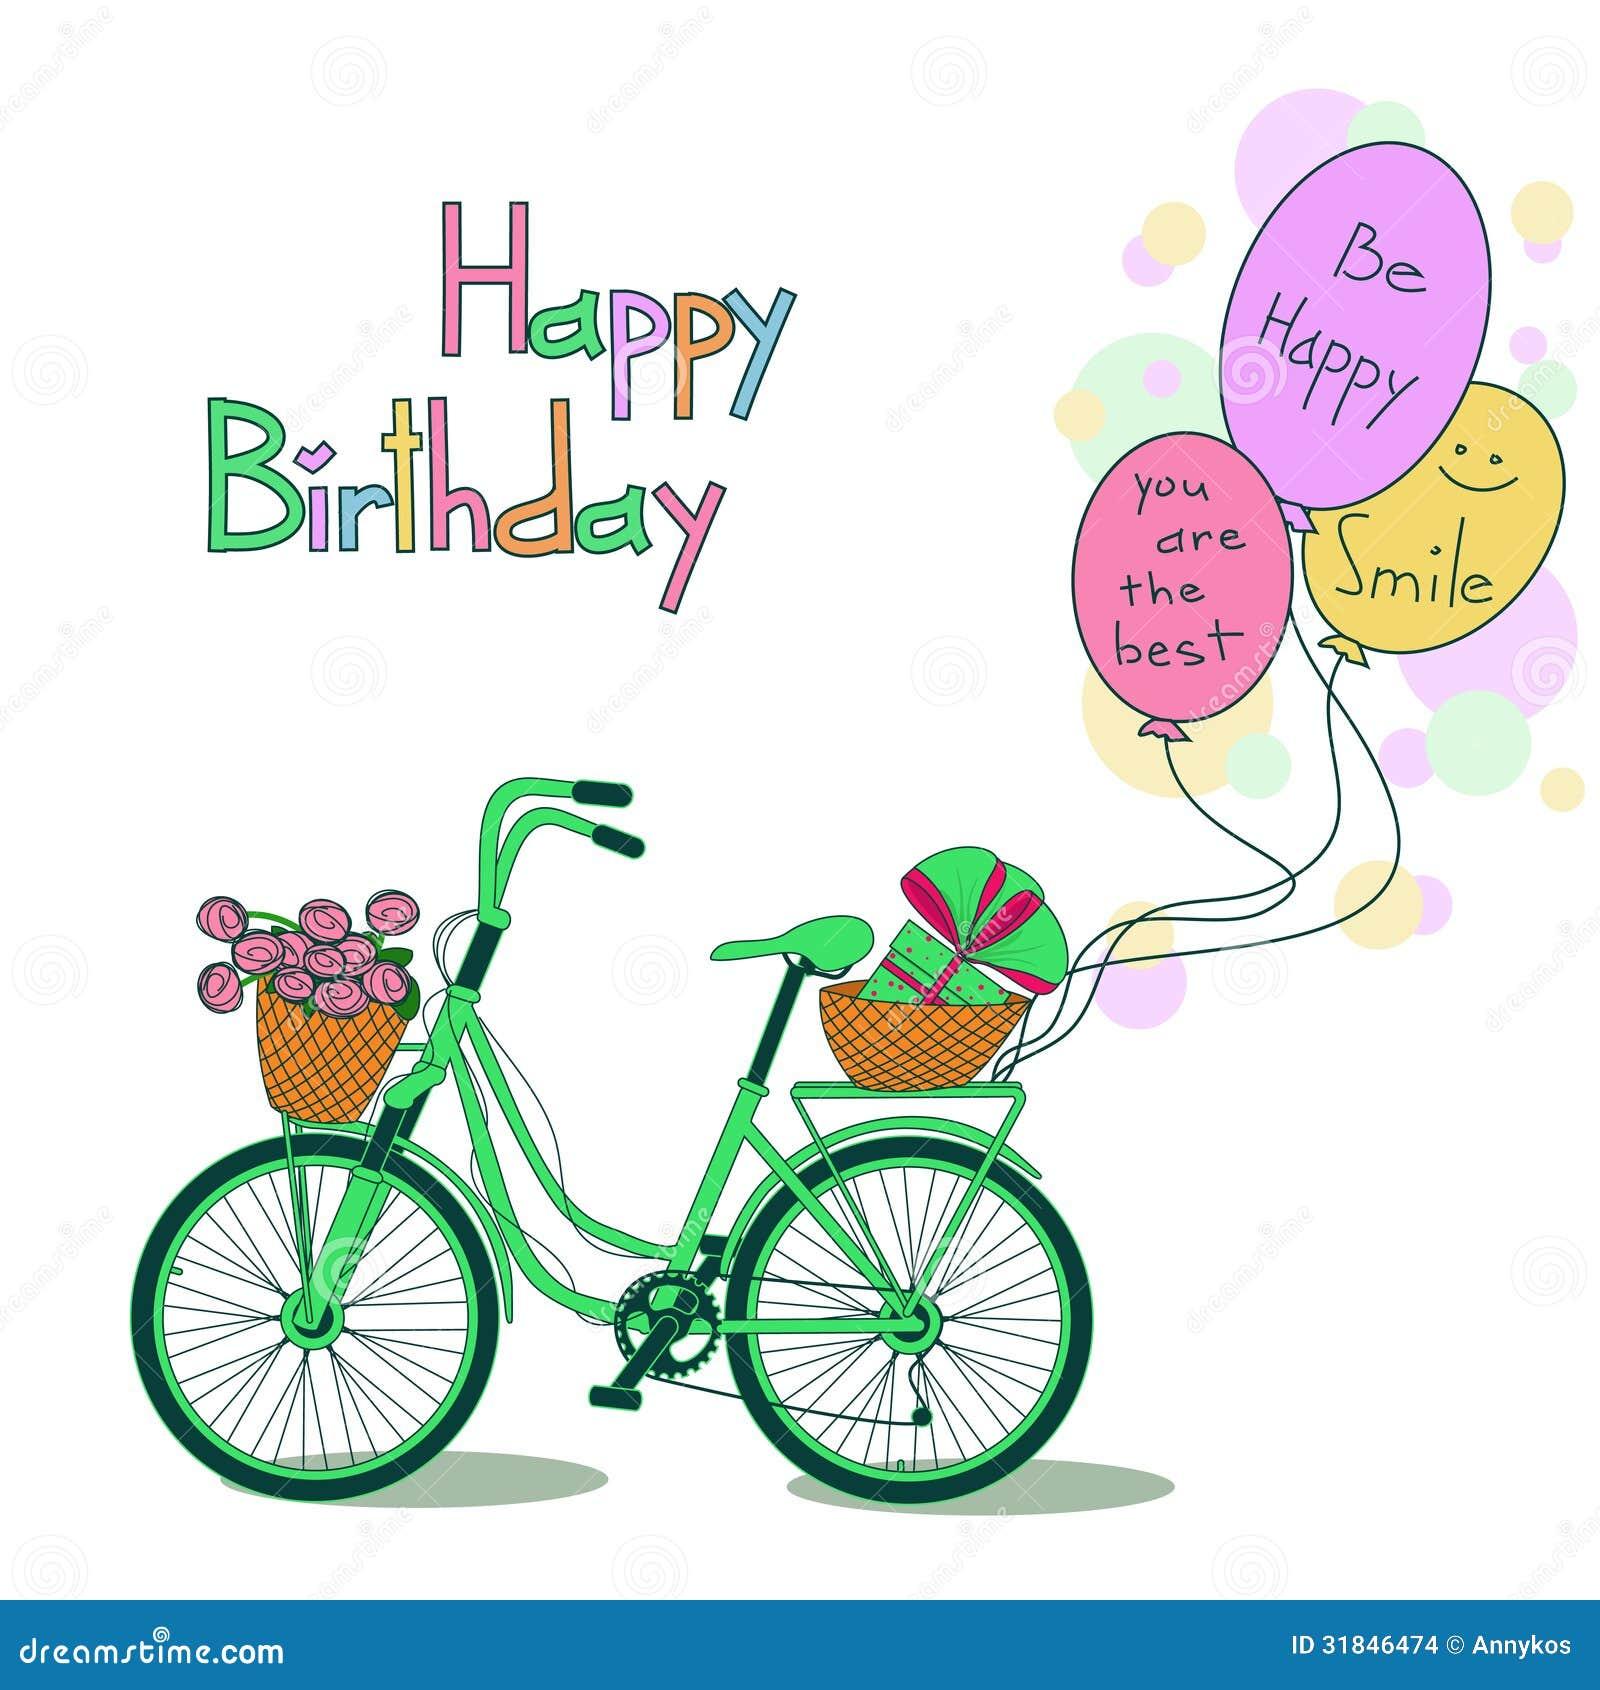 Fahrrad Karte.Karte Für Geburtstag Mit Fahrrad Und Ballonen Vektor Abbildung